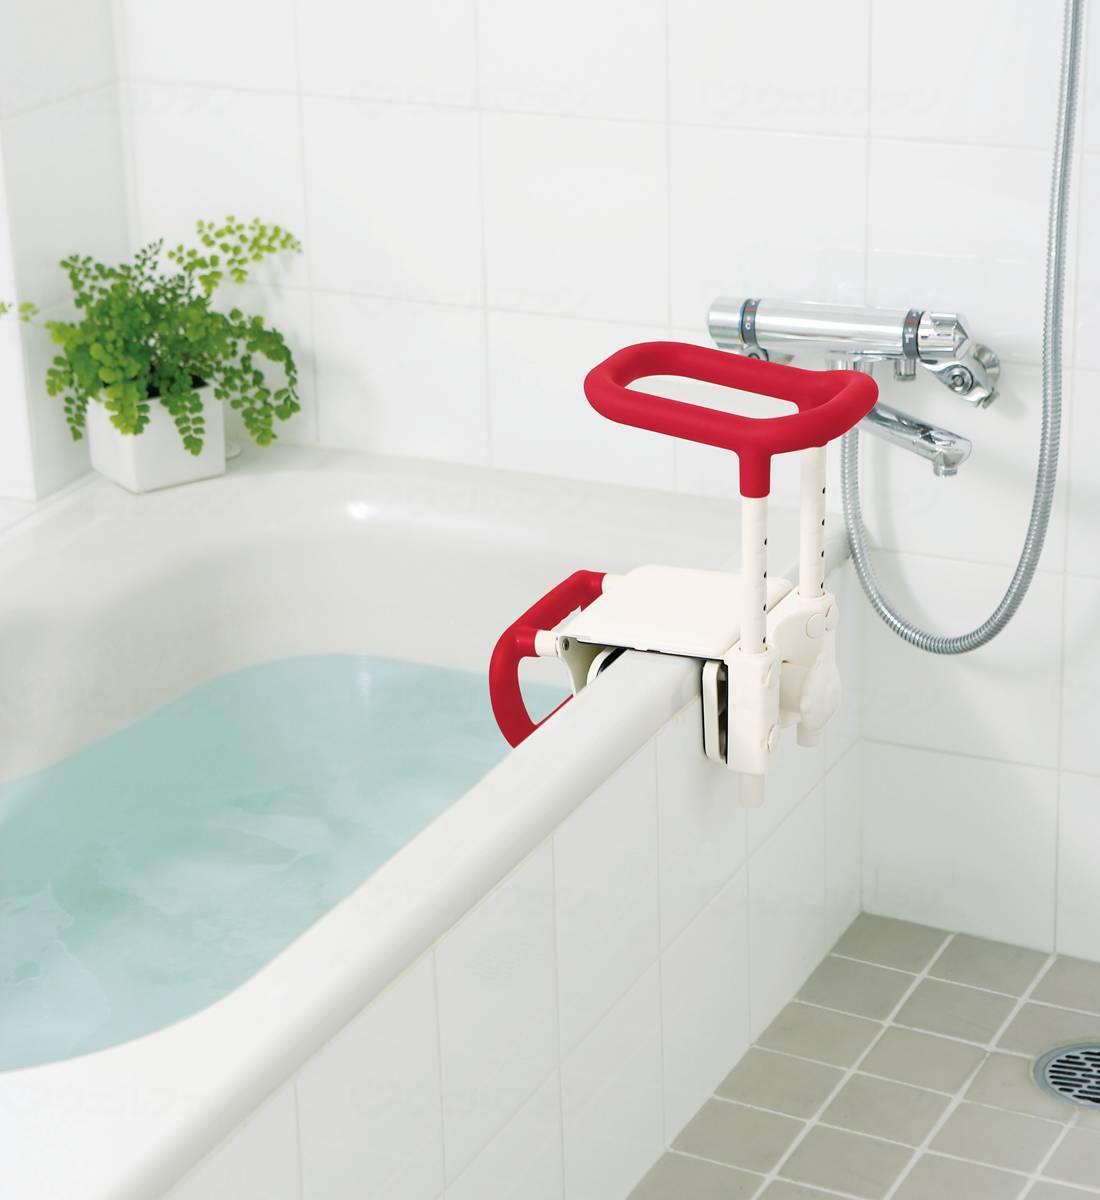 浴槽手すりUST-165Wの画像